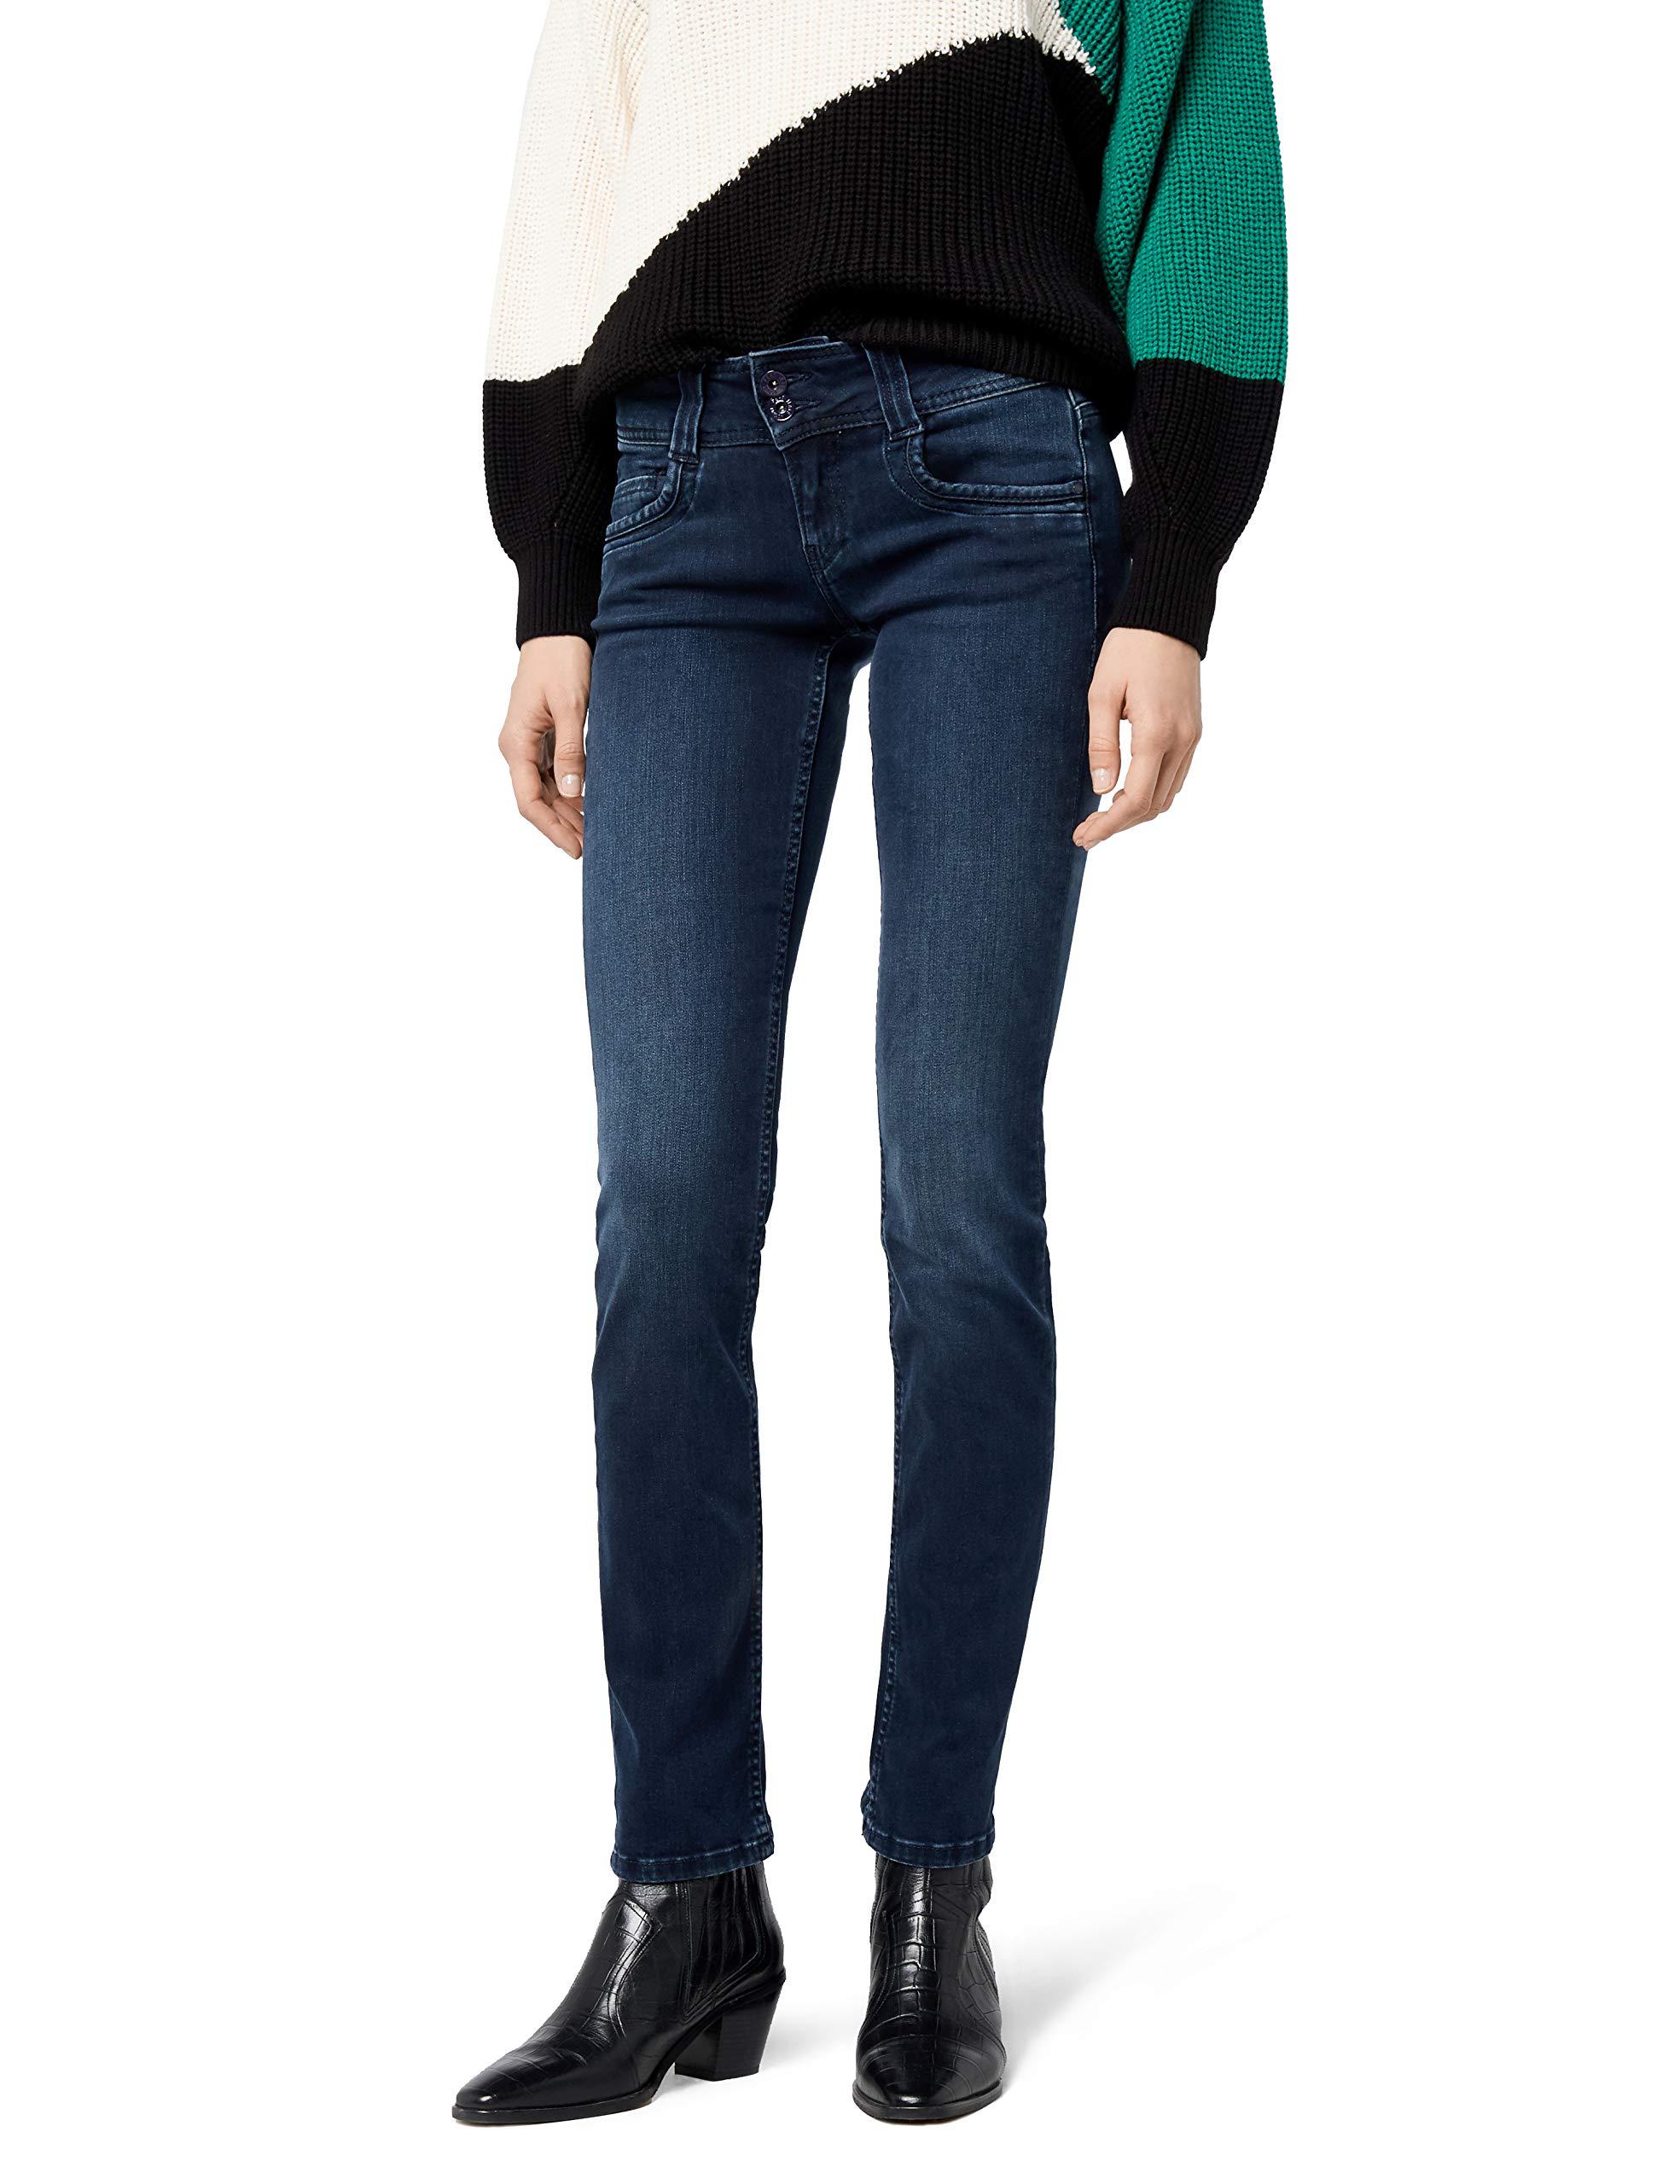 JeansGenJeans Pepe Pepe JeansGenJeans 32l FemmeBleudenim Cg924w FemmeBleudenim JlFK1Tc3u